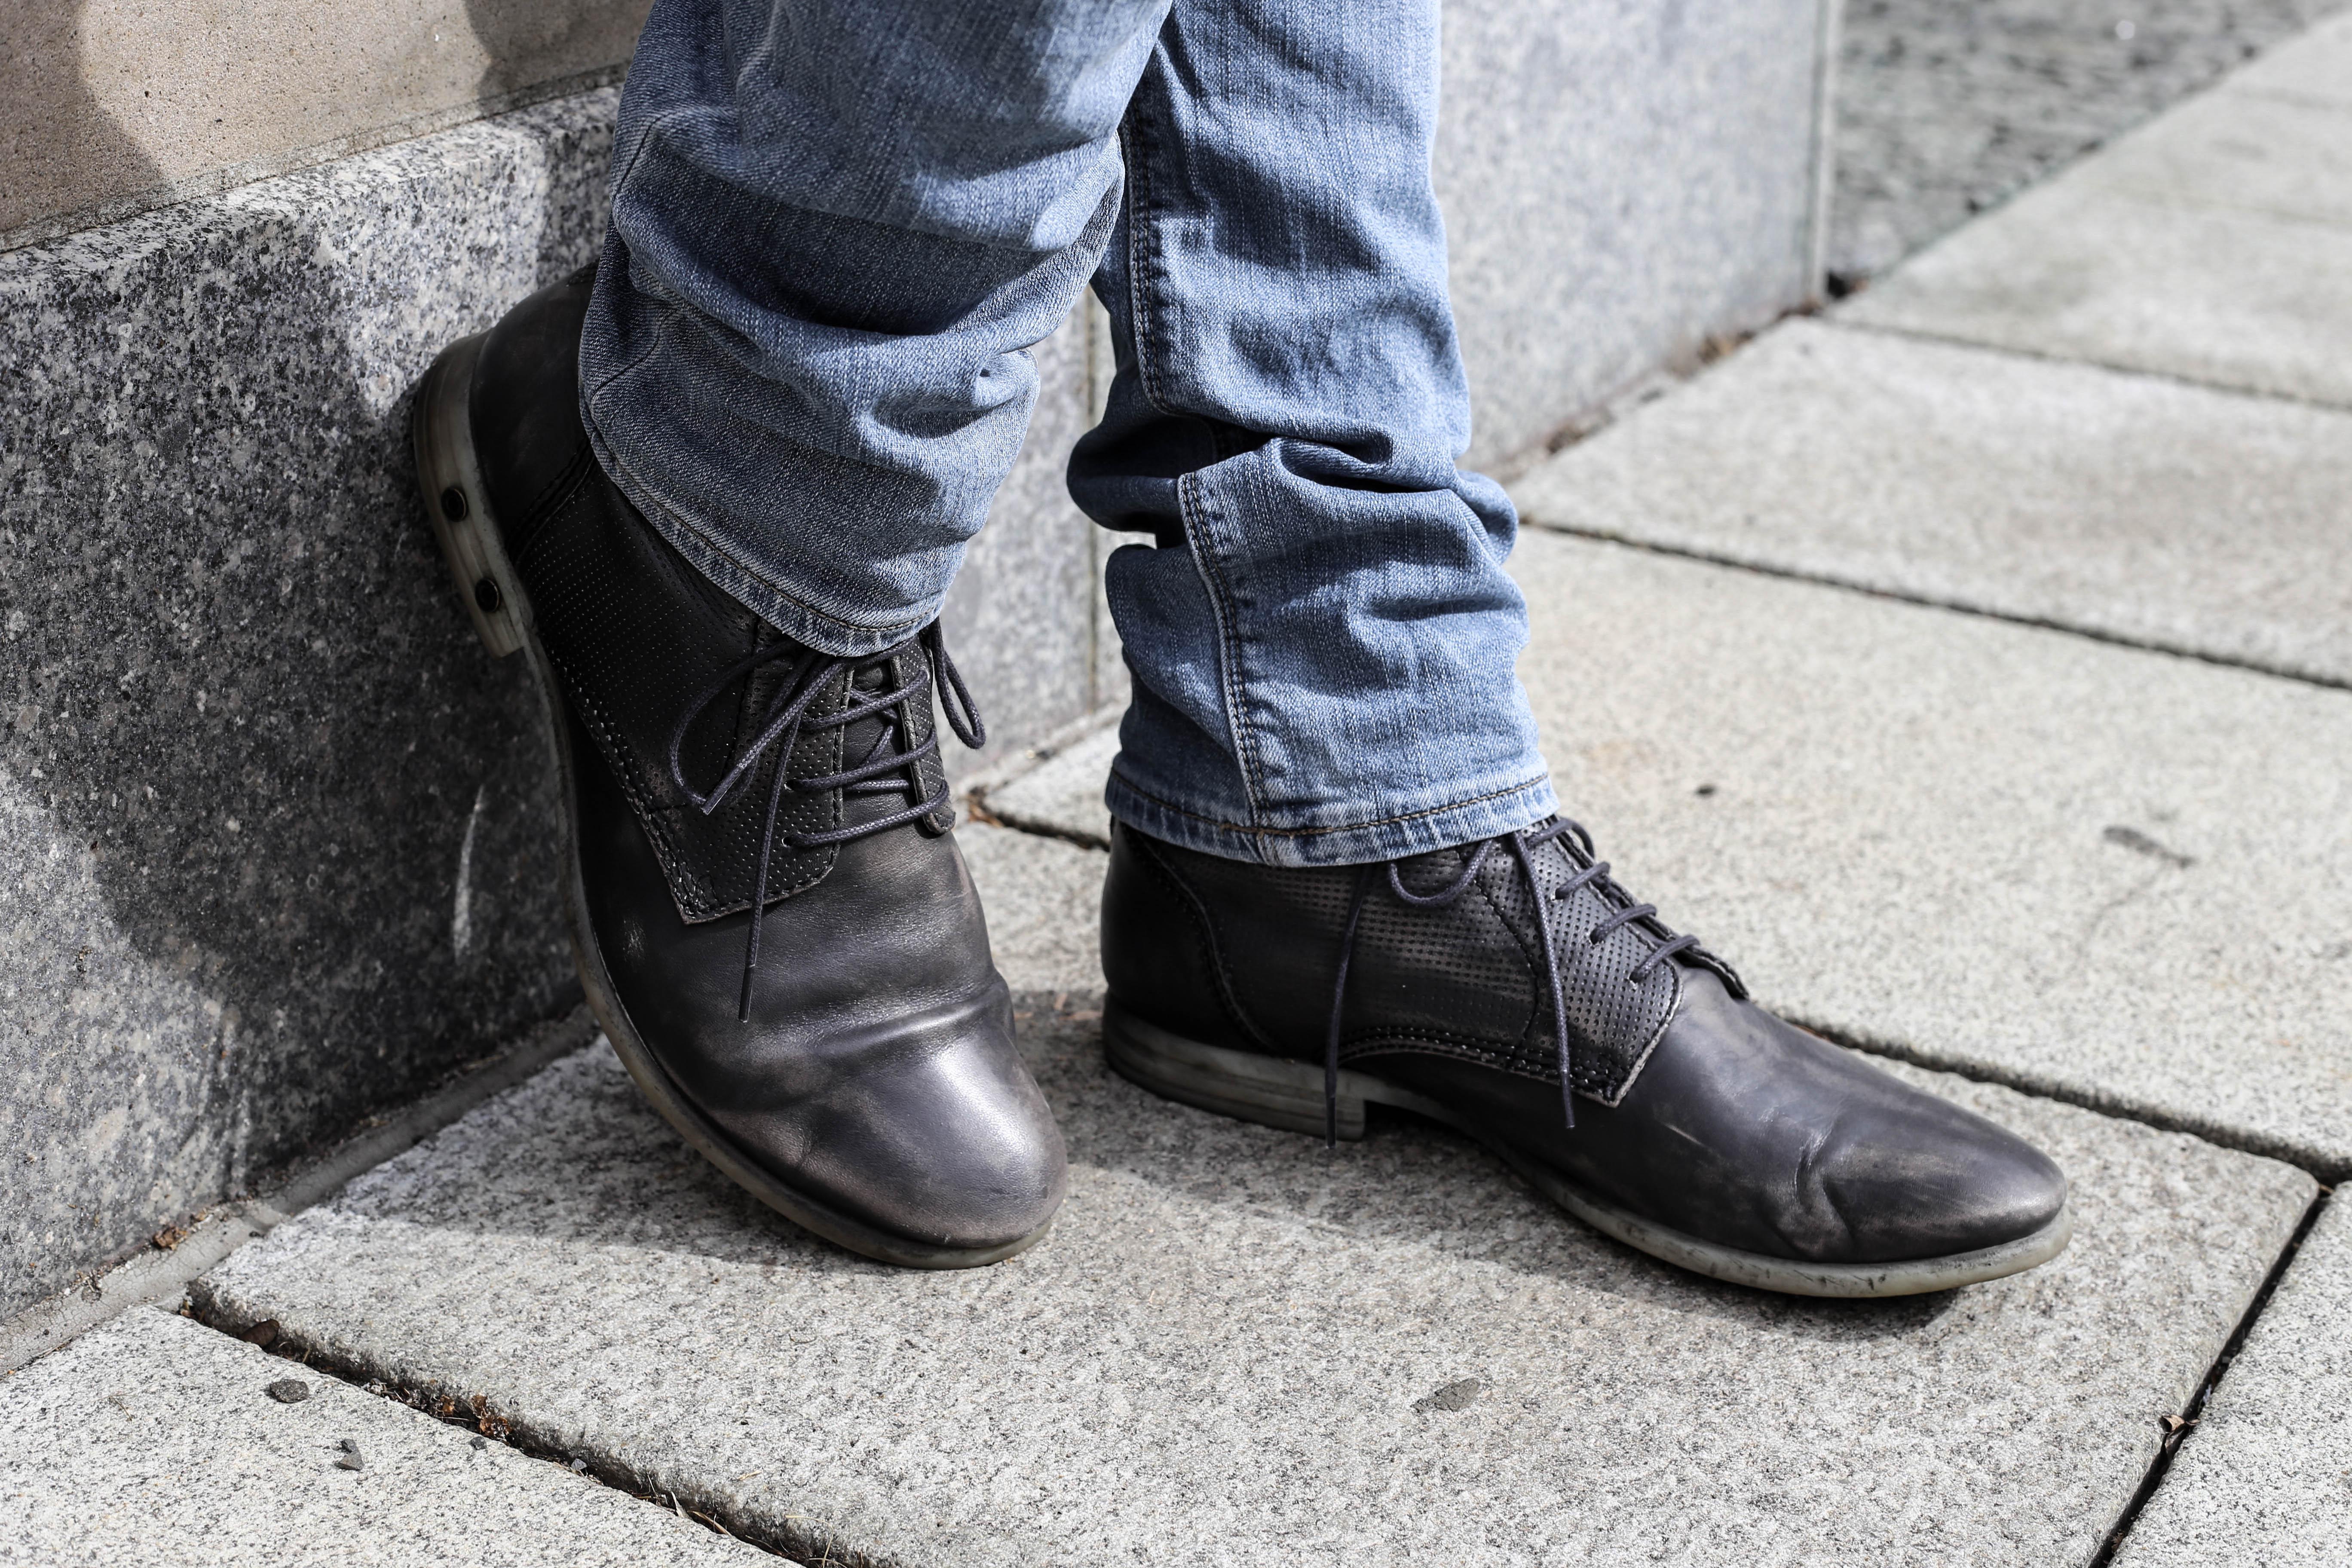 schwarze-jeansjacke-menfashion-streetstyle-maennerblog-fashionlook-outfit-casual-berlin_3636